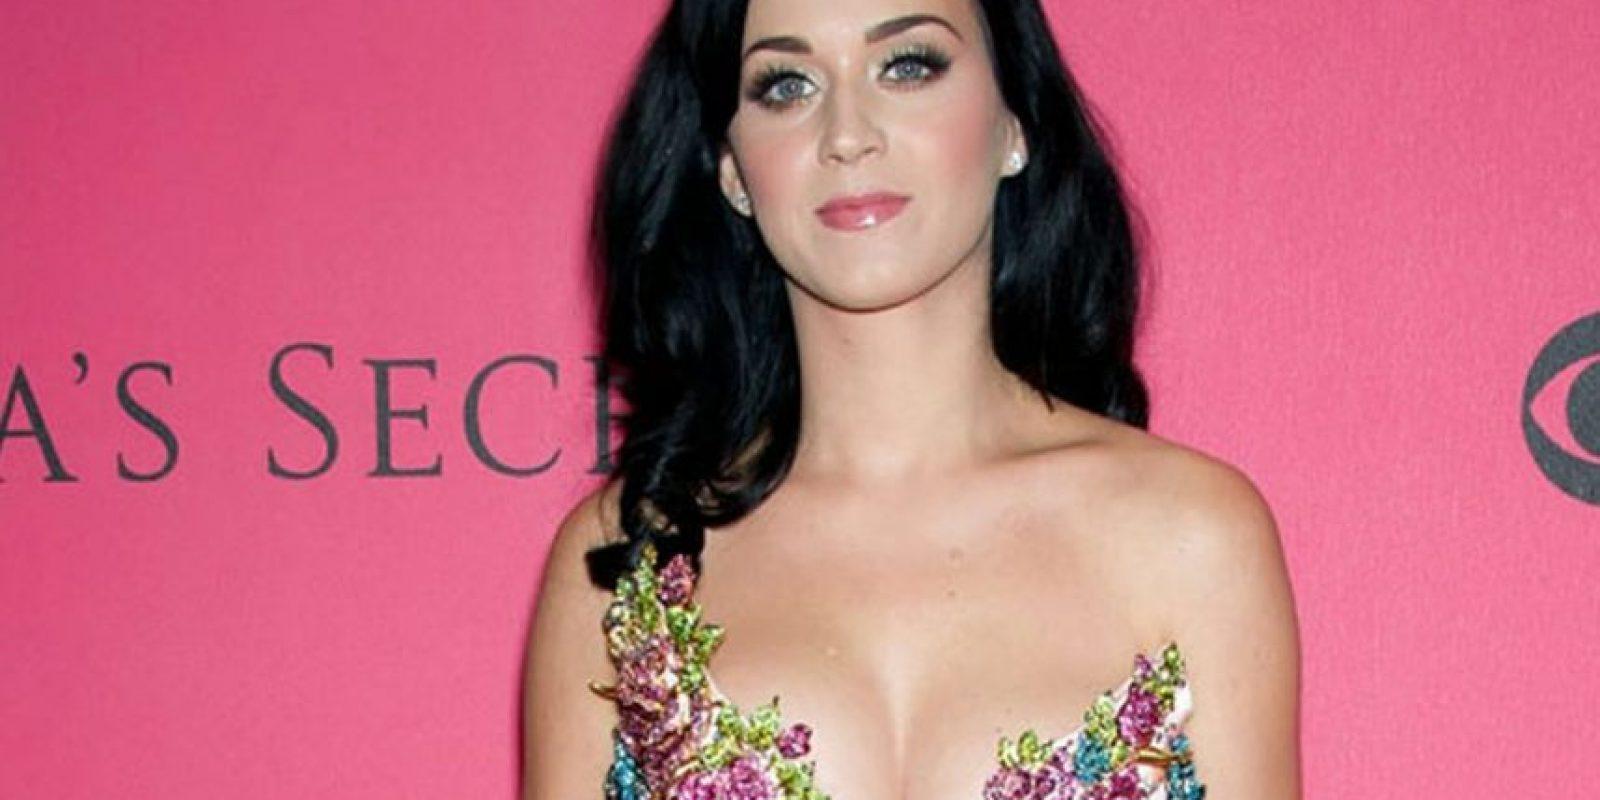 Katy Perry es una de las más eclécticas cantantes pop y un símbolo de belleza para muchos. Foto:Getty Images